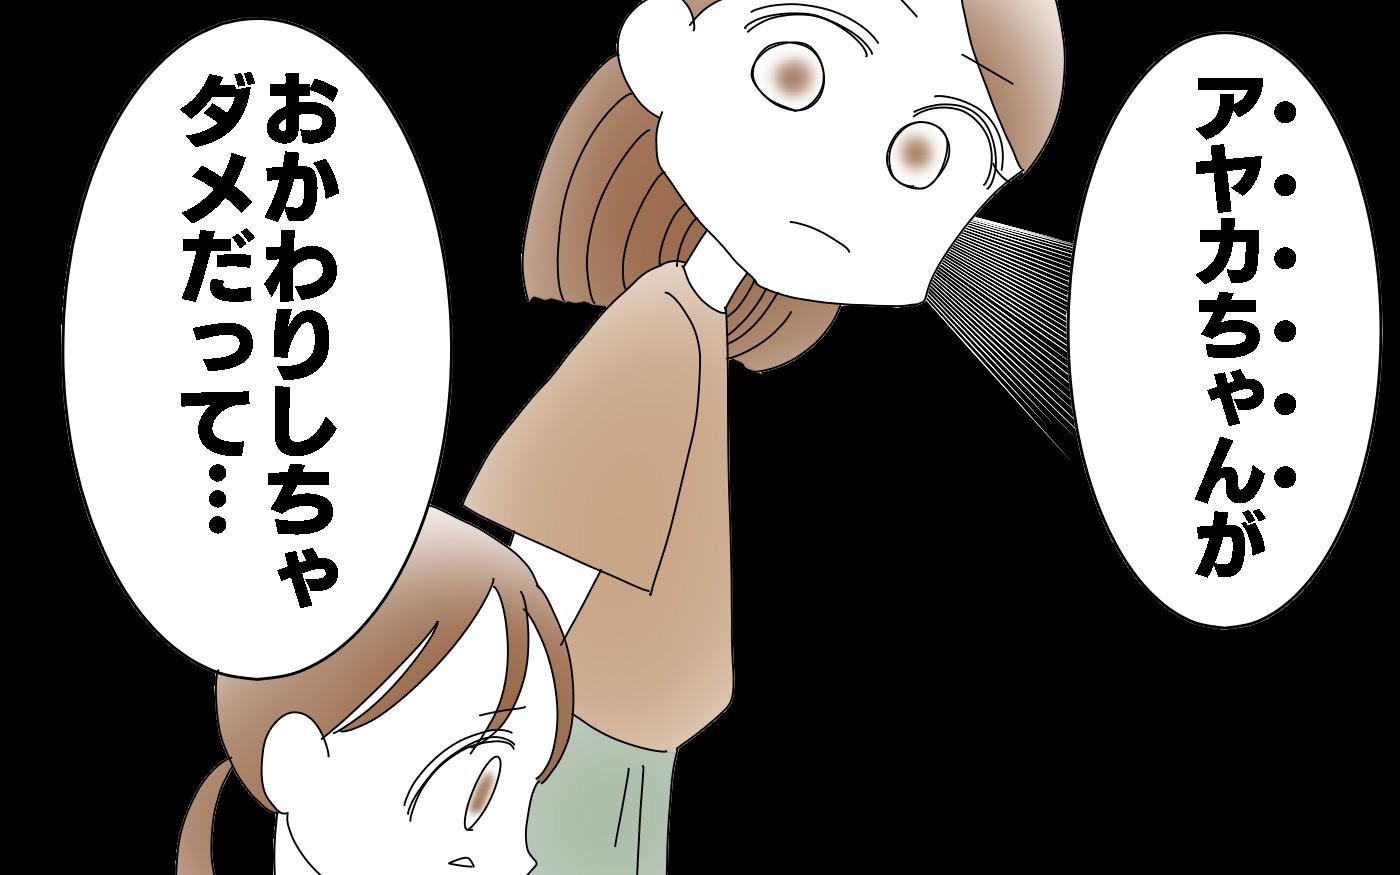 双子を授かっちゃいましたヨ☆